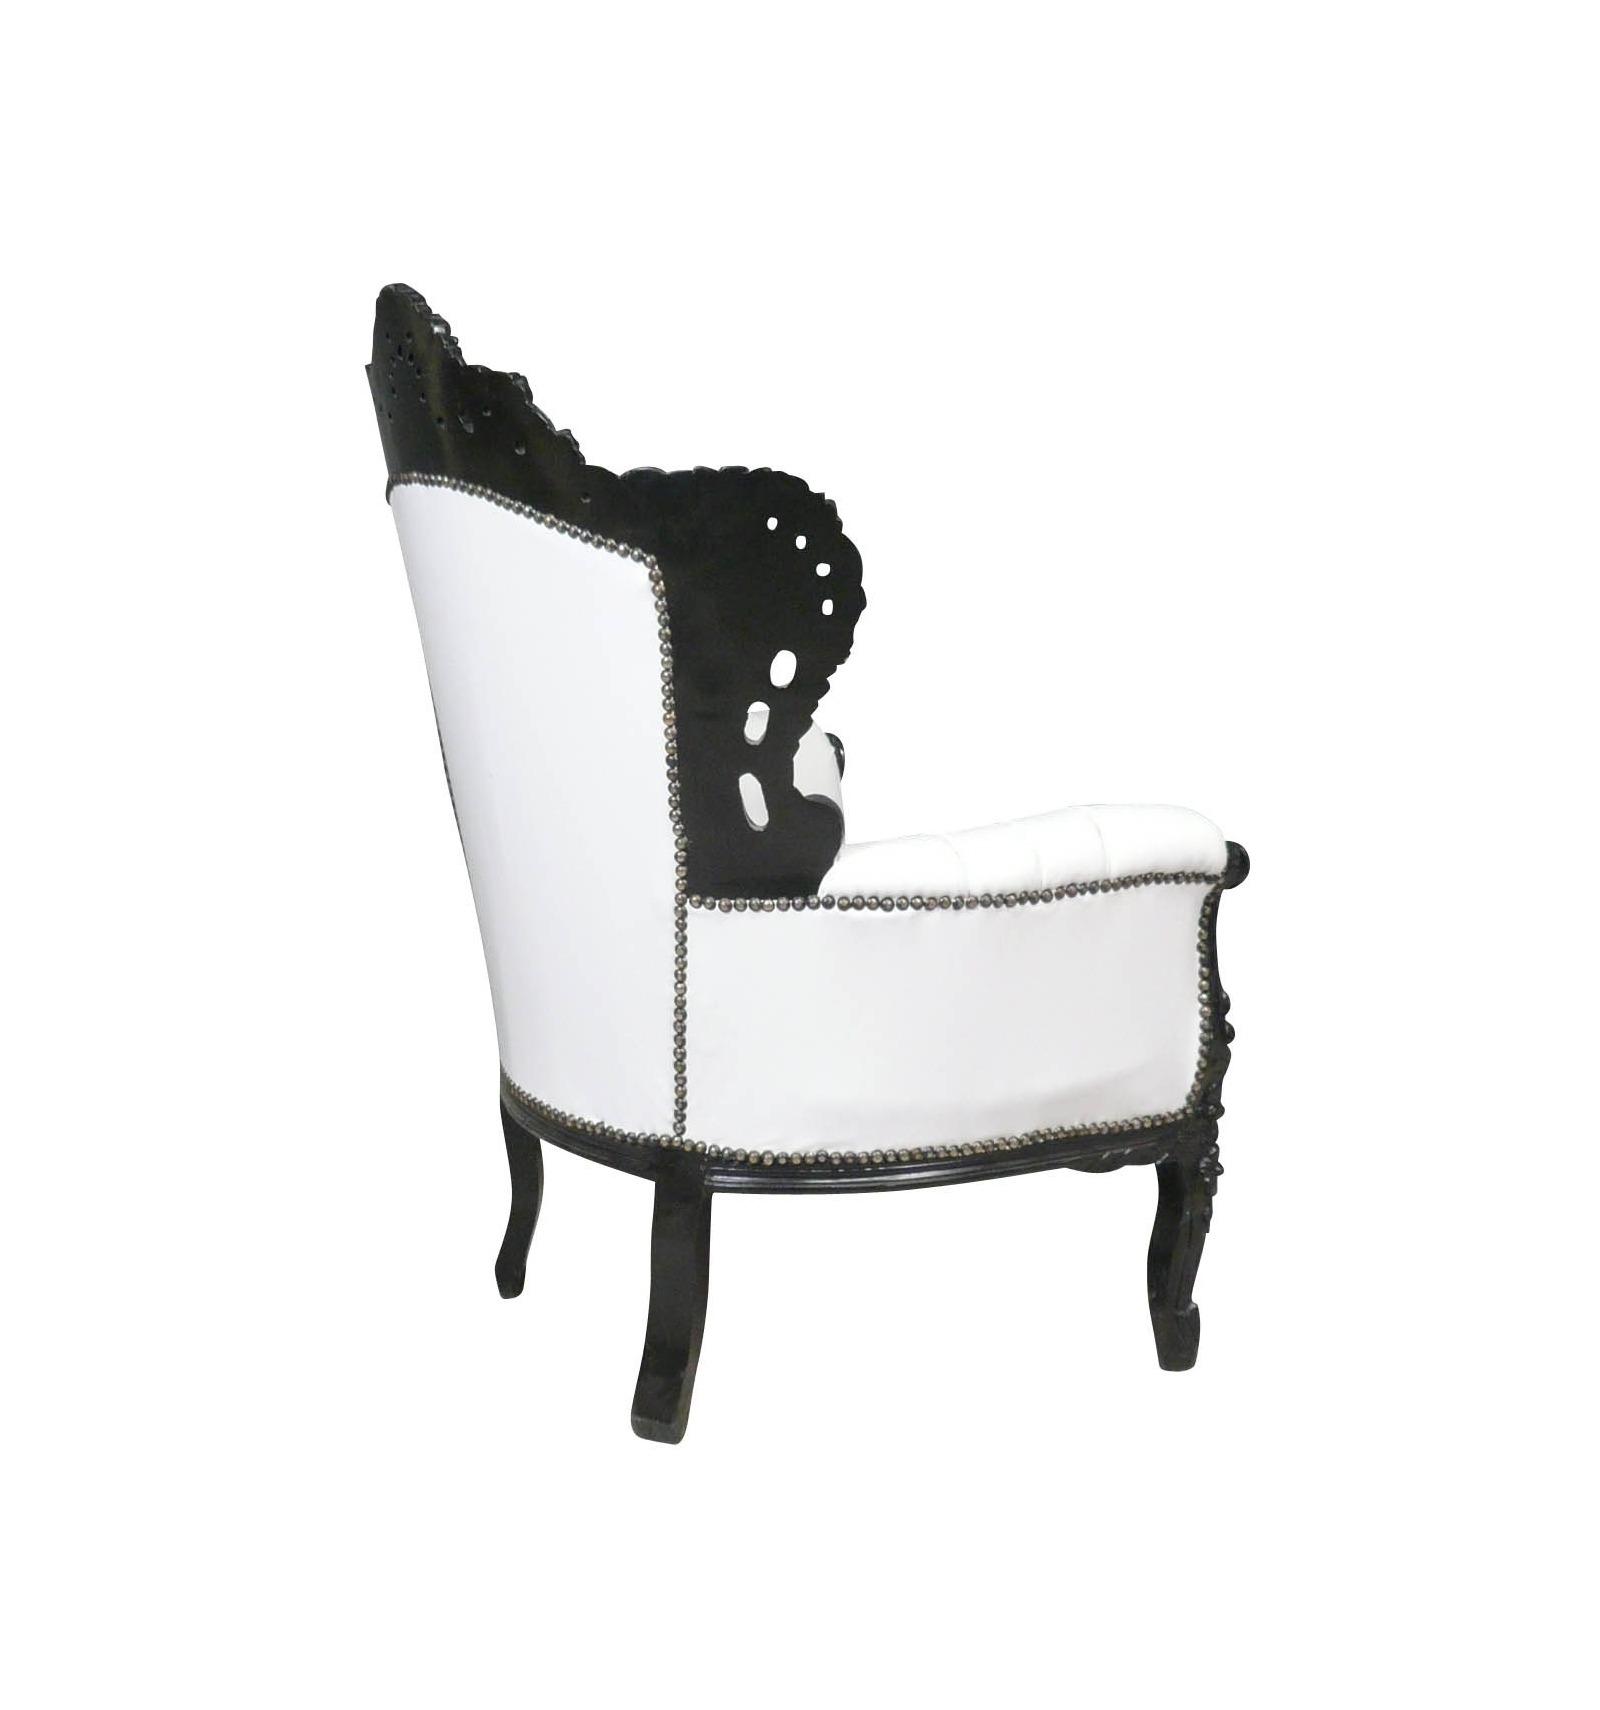 fauteuil baroque blanc et noir meubles louis xv. Black Bedroom Furniture Sets. Home Design Ideas